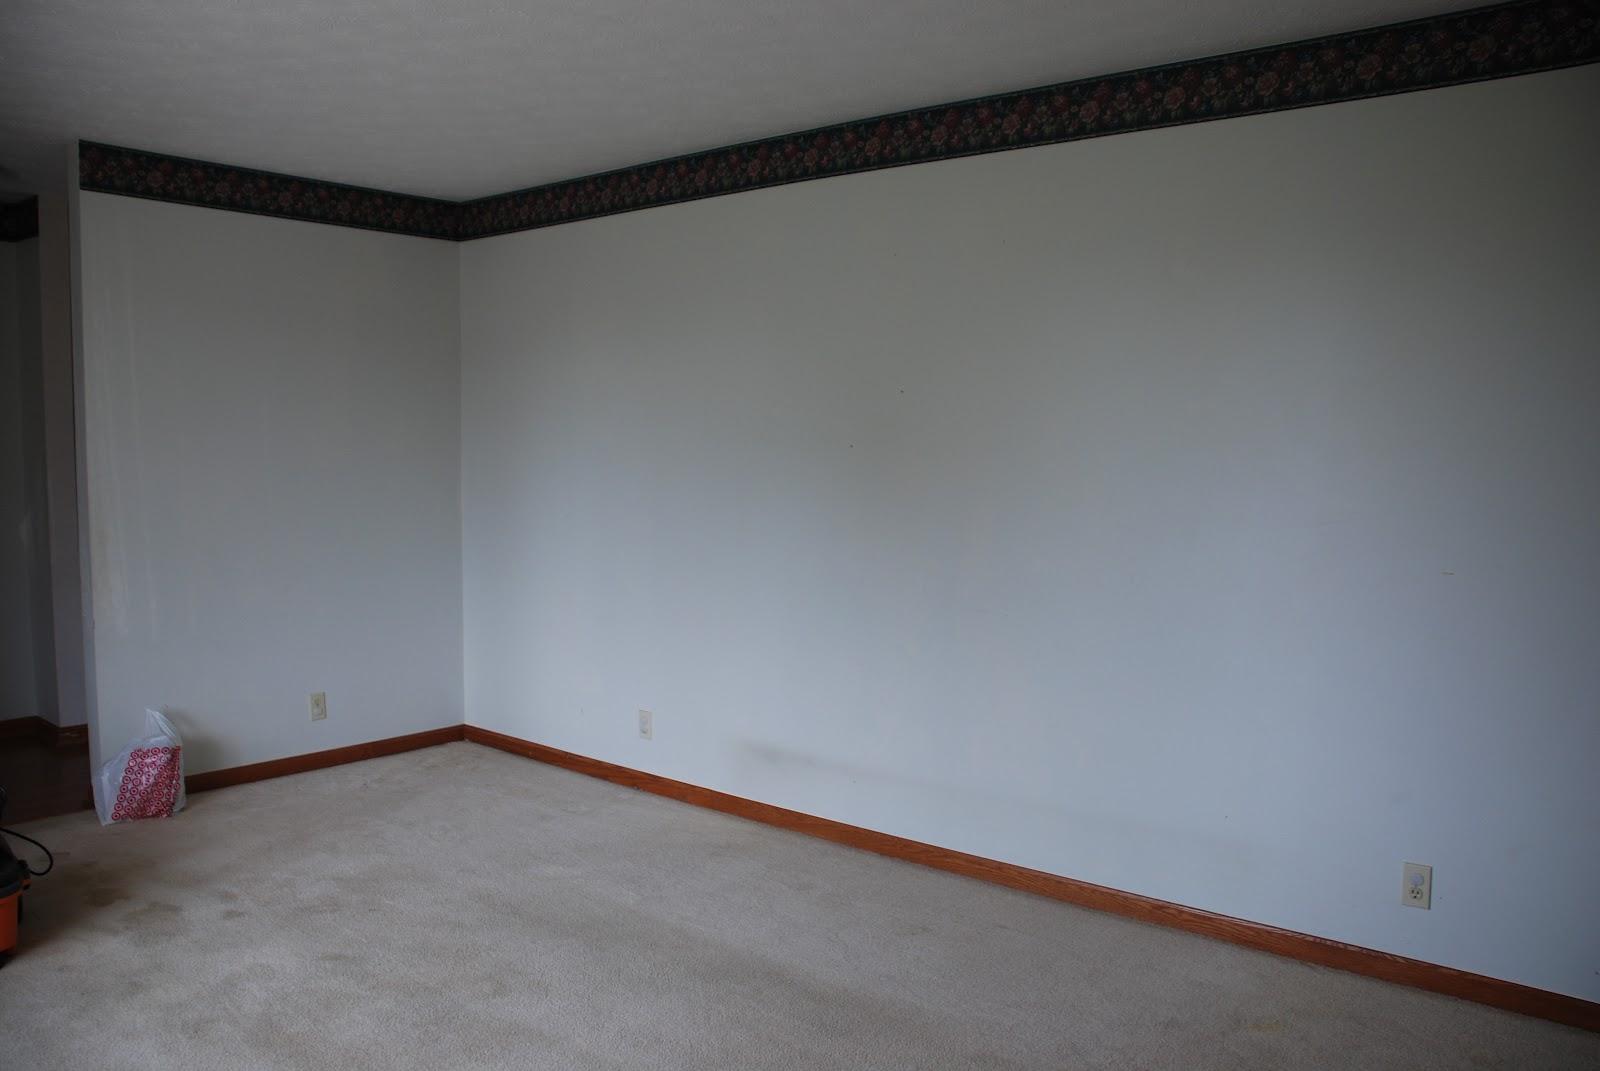 Wallpaper Borders For Living Room 5 Inspiring Design